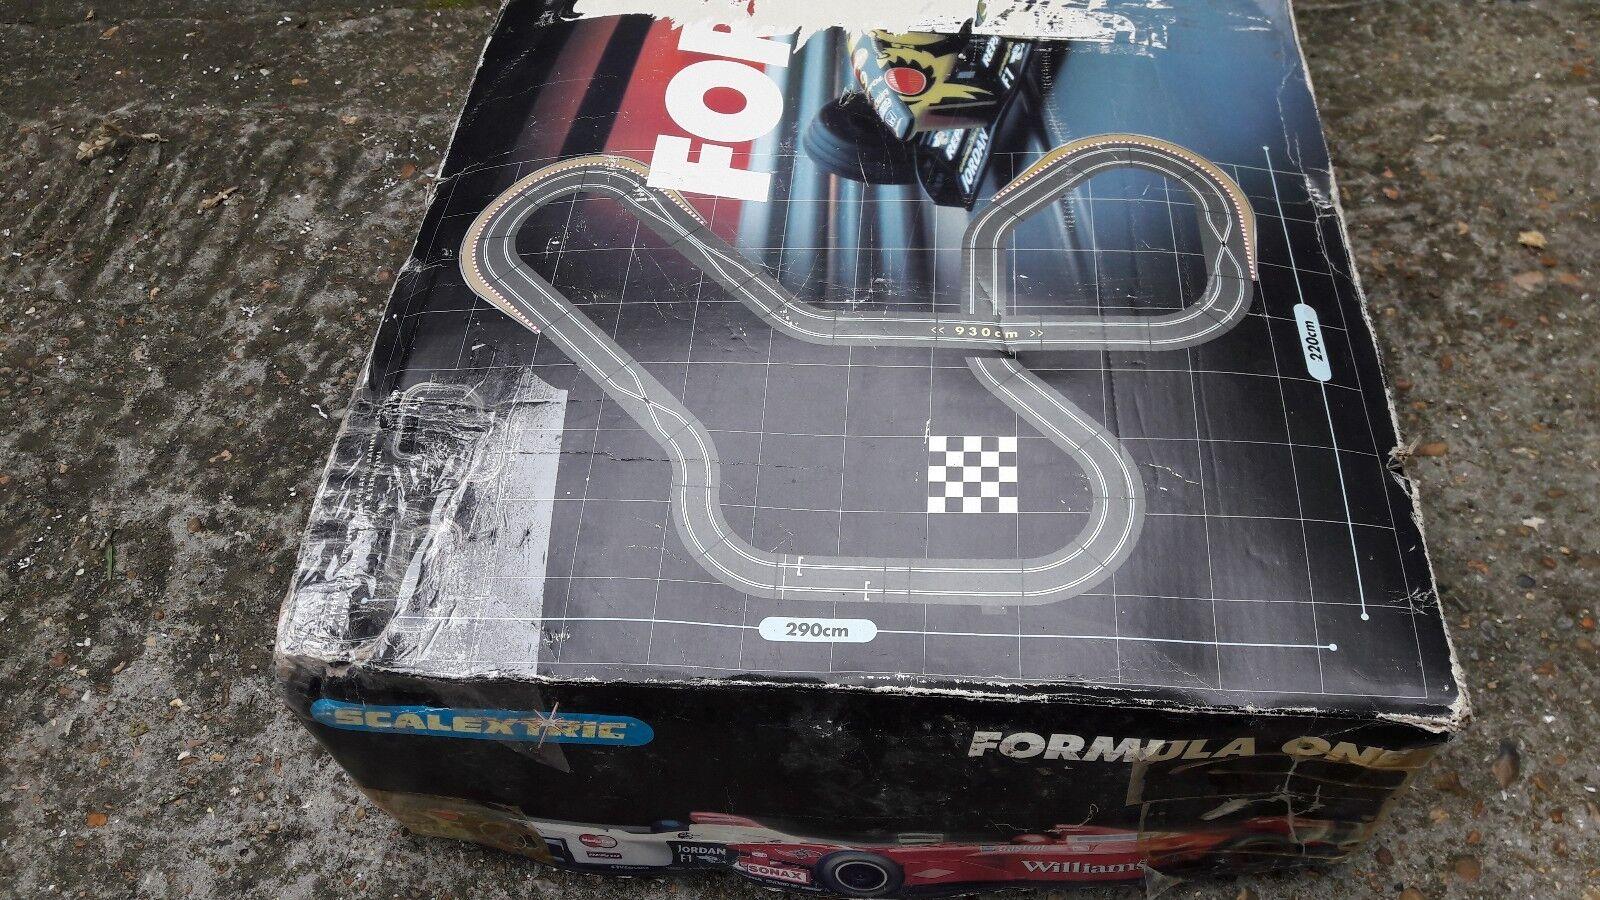 Pista de carreras de fórmula uno niños Scalextric Jordan Honda F1 V Williams